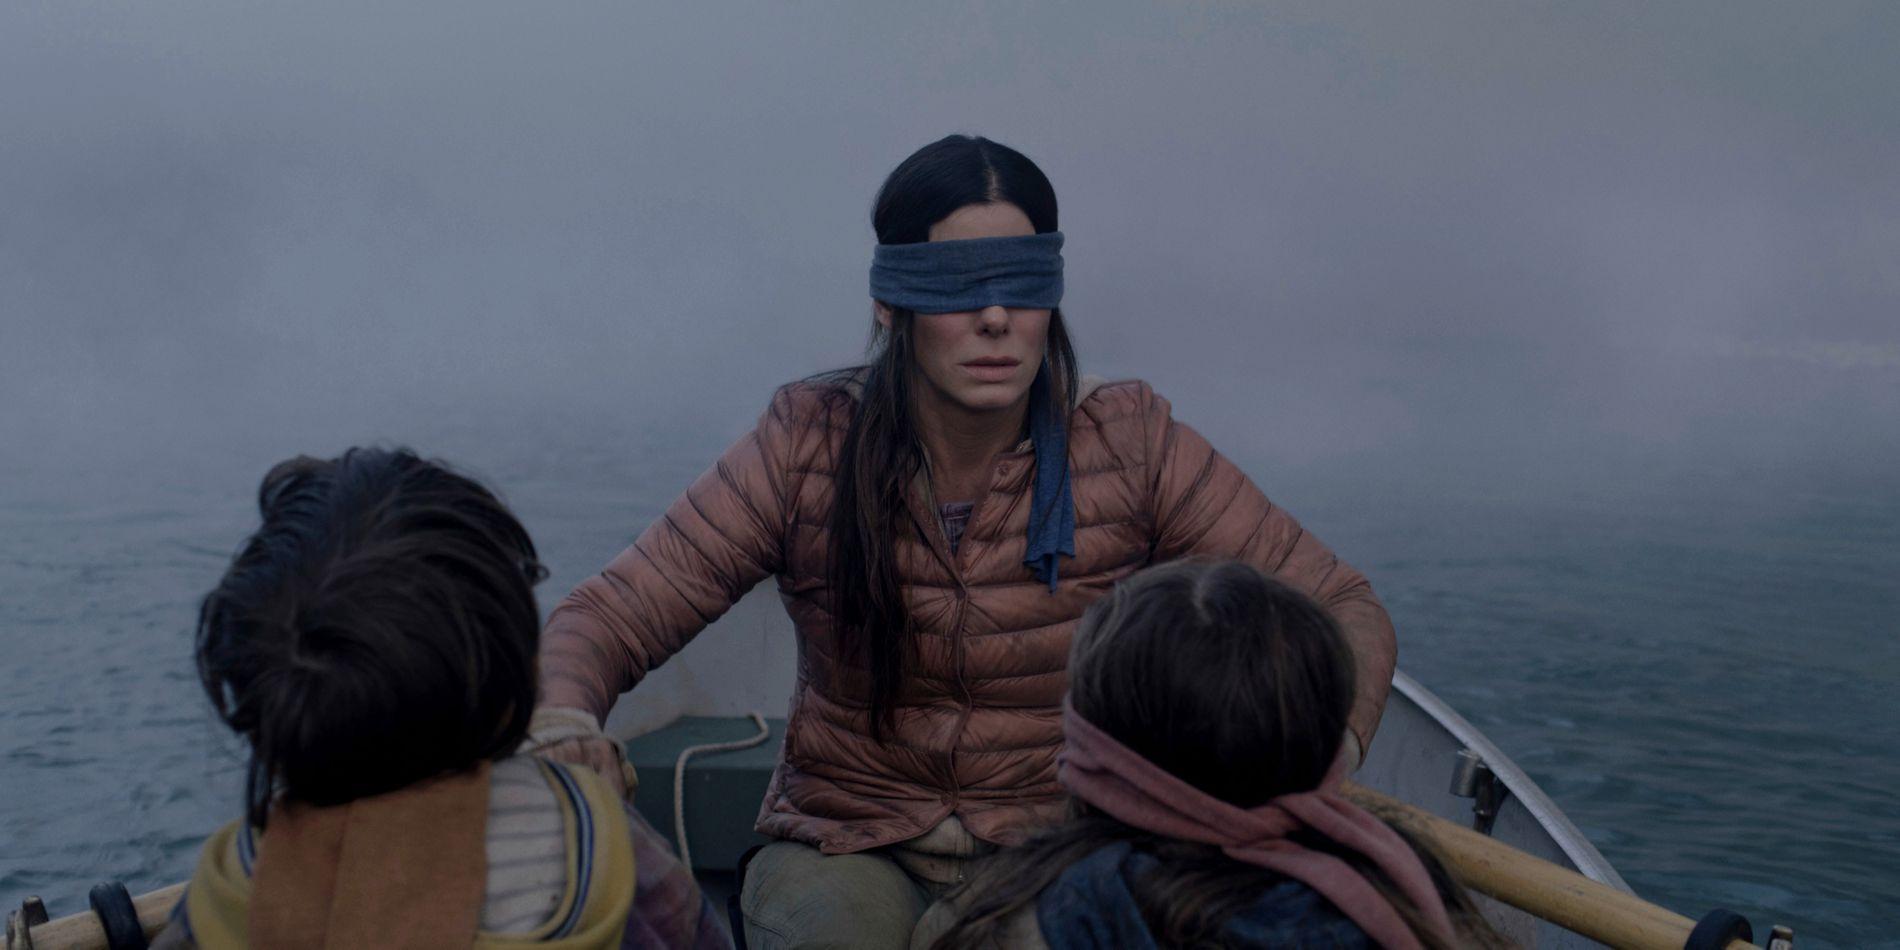 Sandra Bullocks spiller Malorie Hayes i filmen «Bird box». Netflix advarer mot å gjøre aktiviteter med bind for øynene, kalt «Bird box»-utfordringen. Foto: AP / NTB scanpix